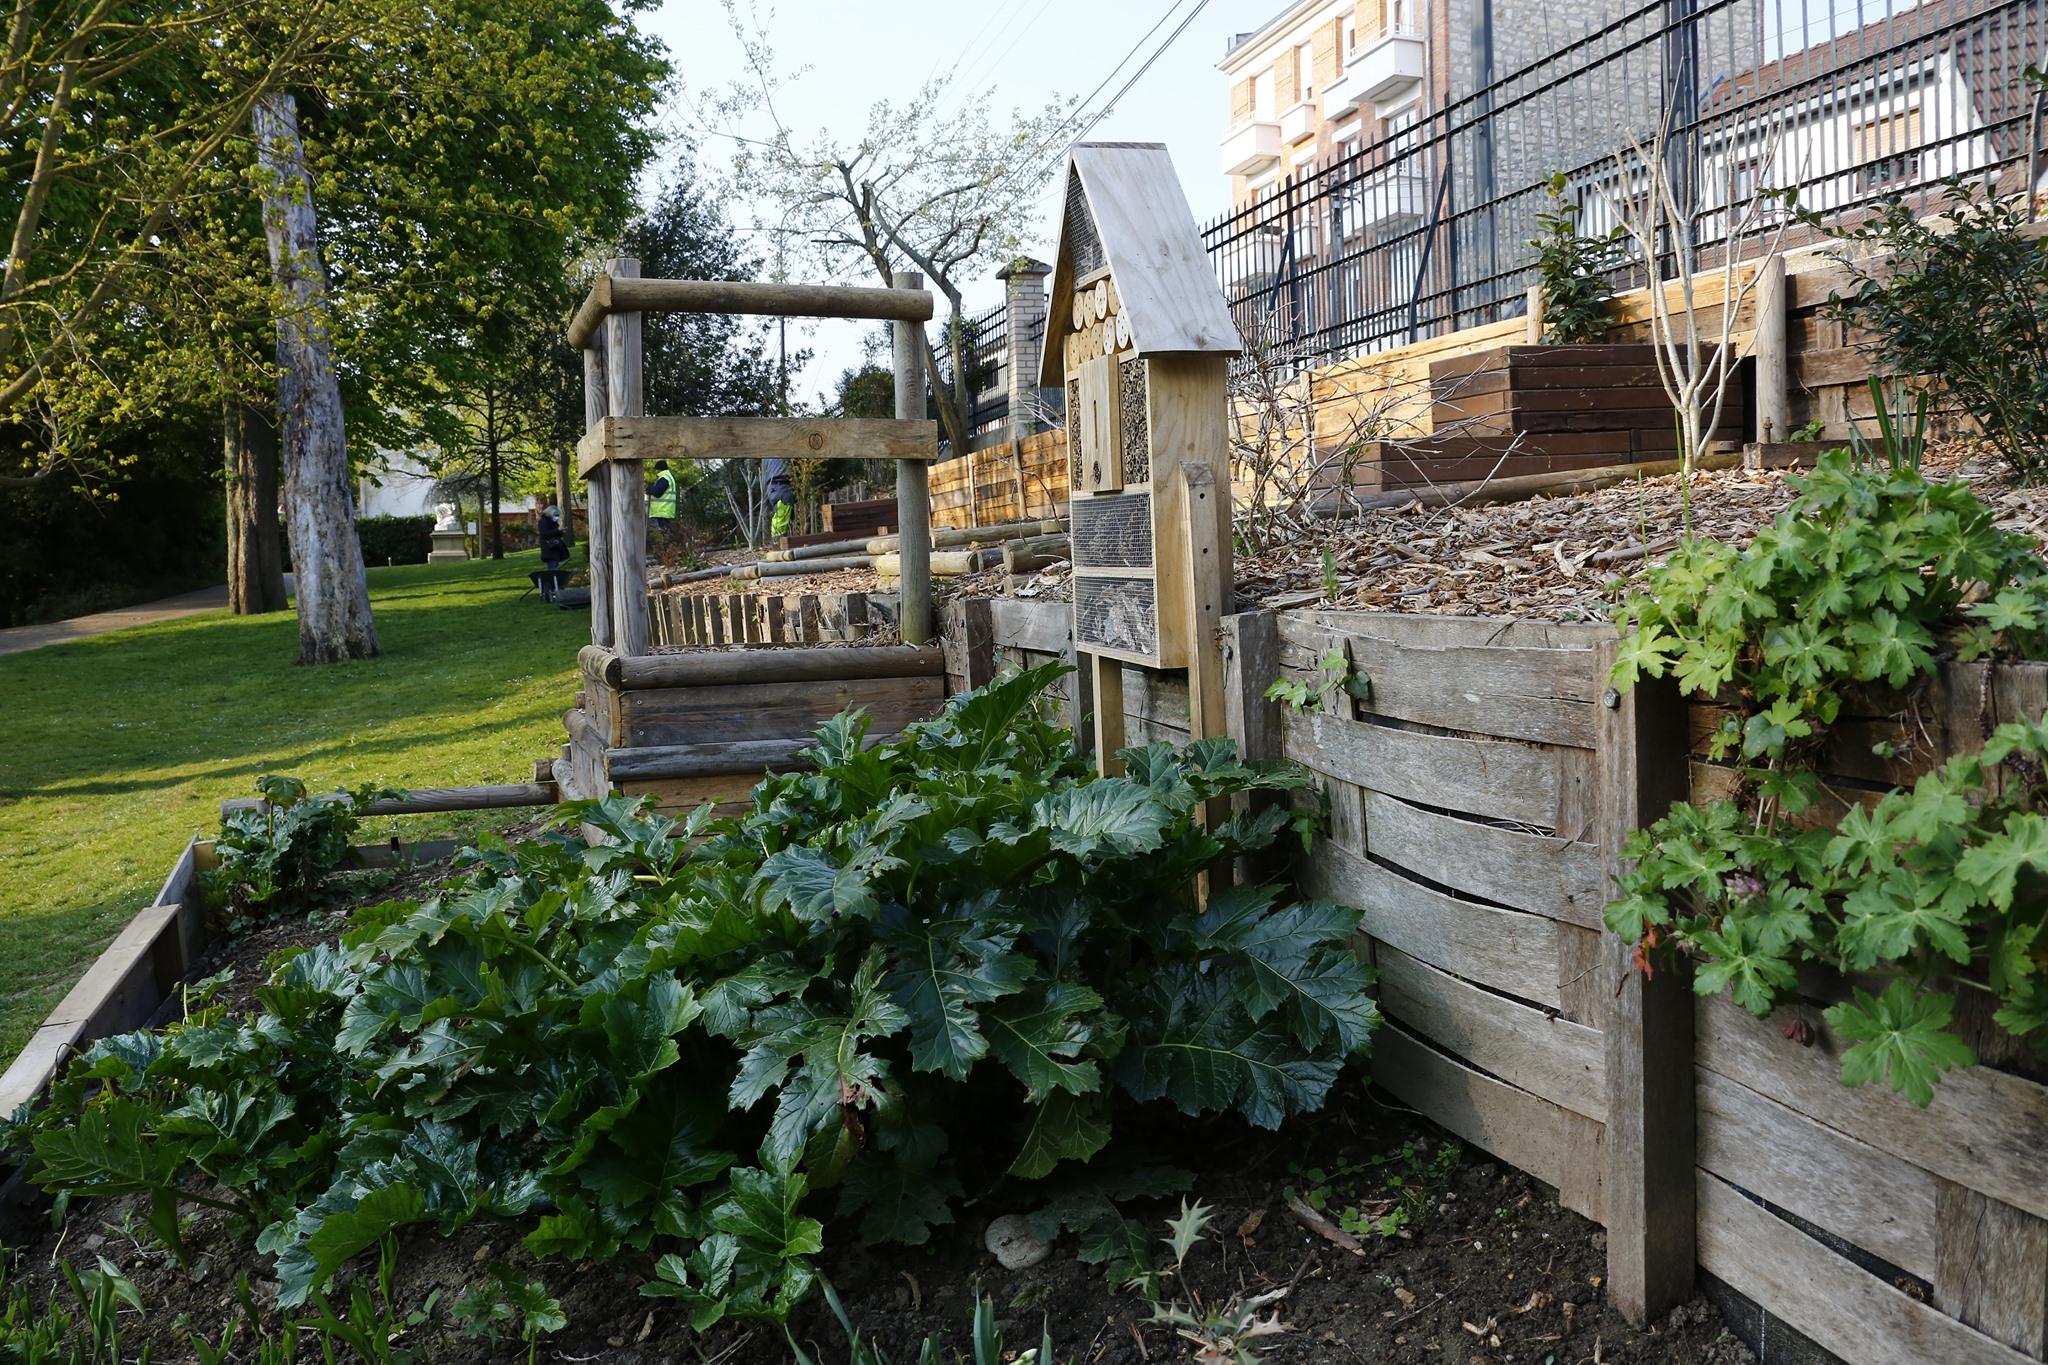 Des jardins potagers dans les squares pour une ville apaisée